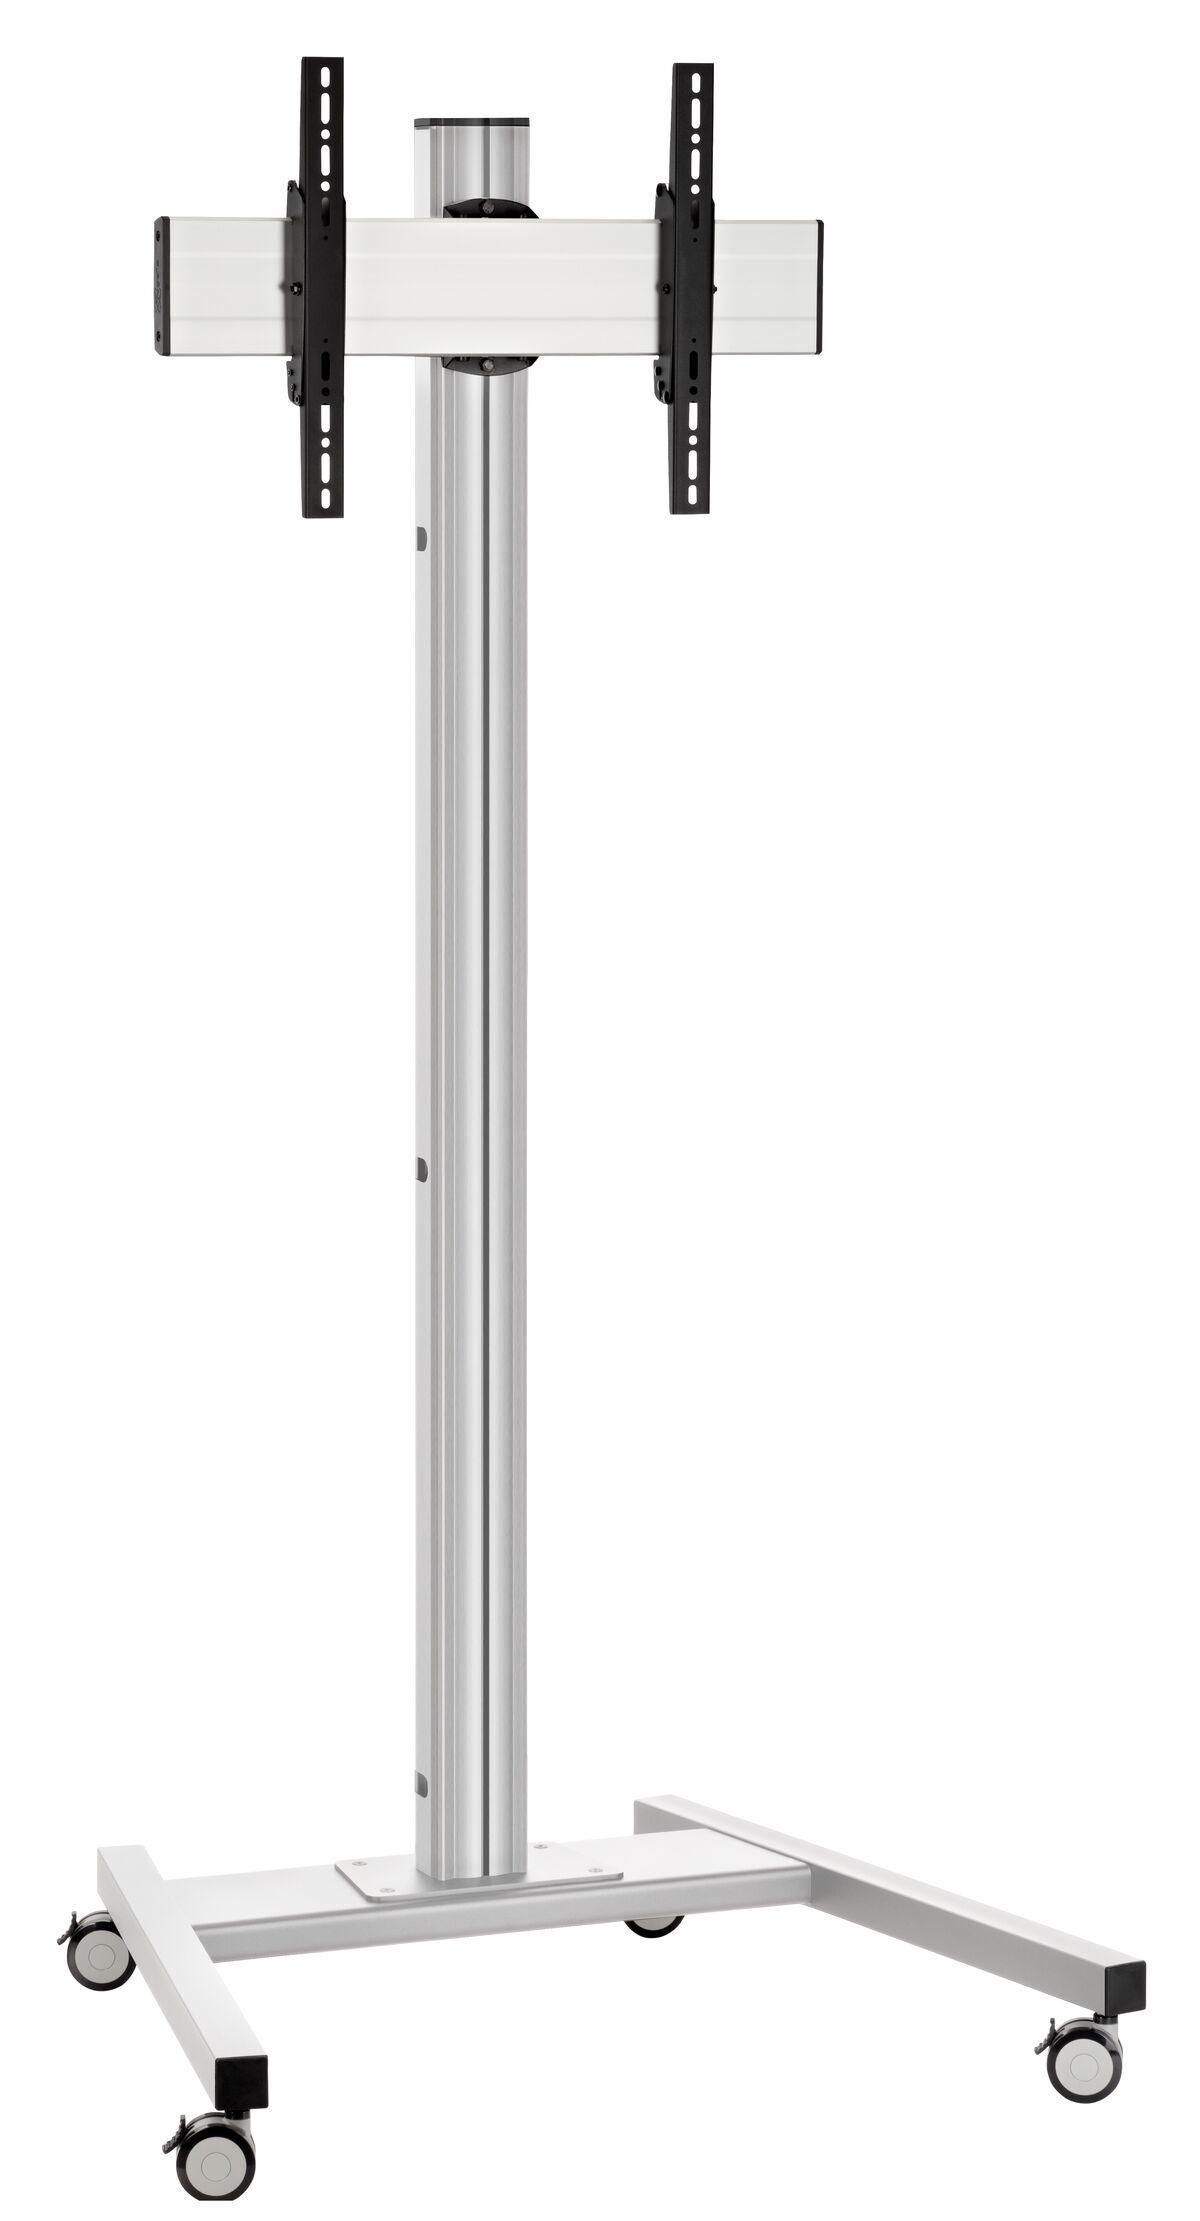 Vogel's T2044S Displaywagen - Product